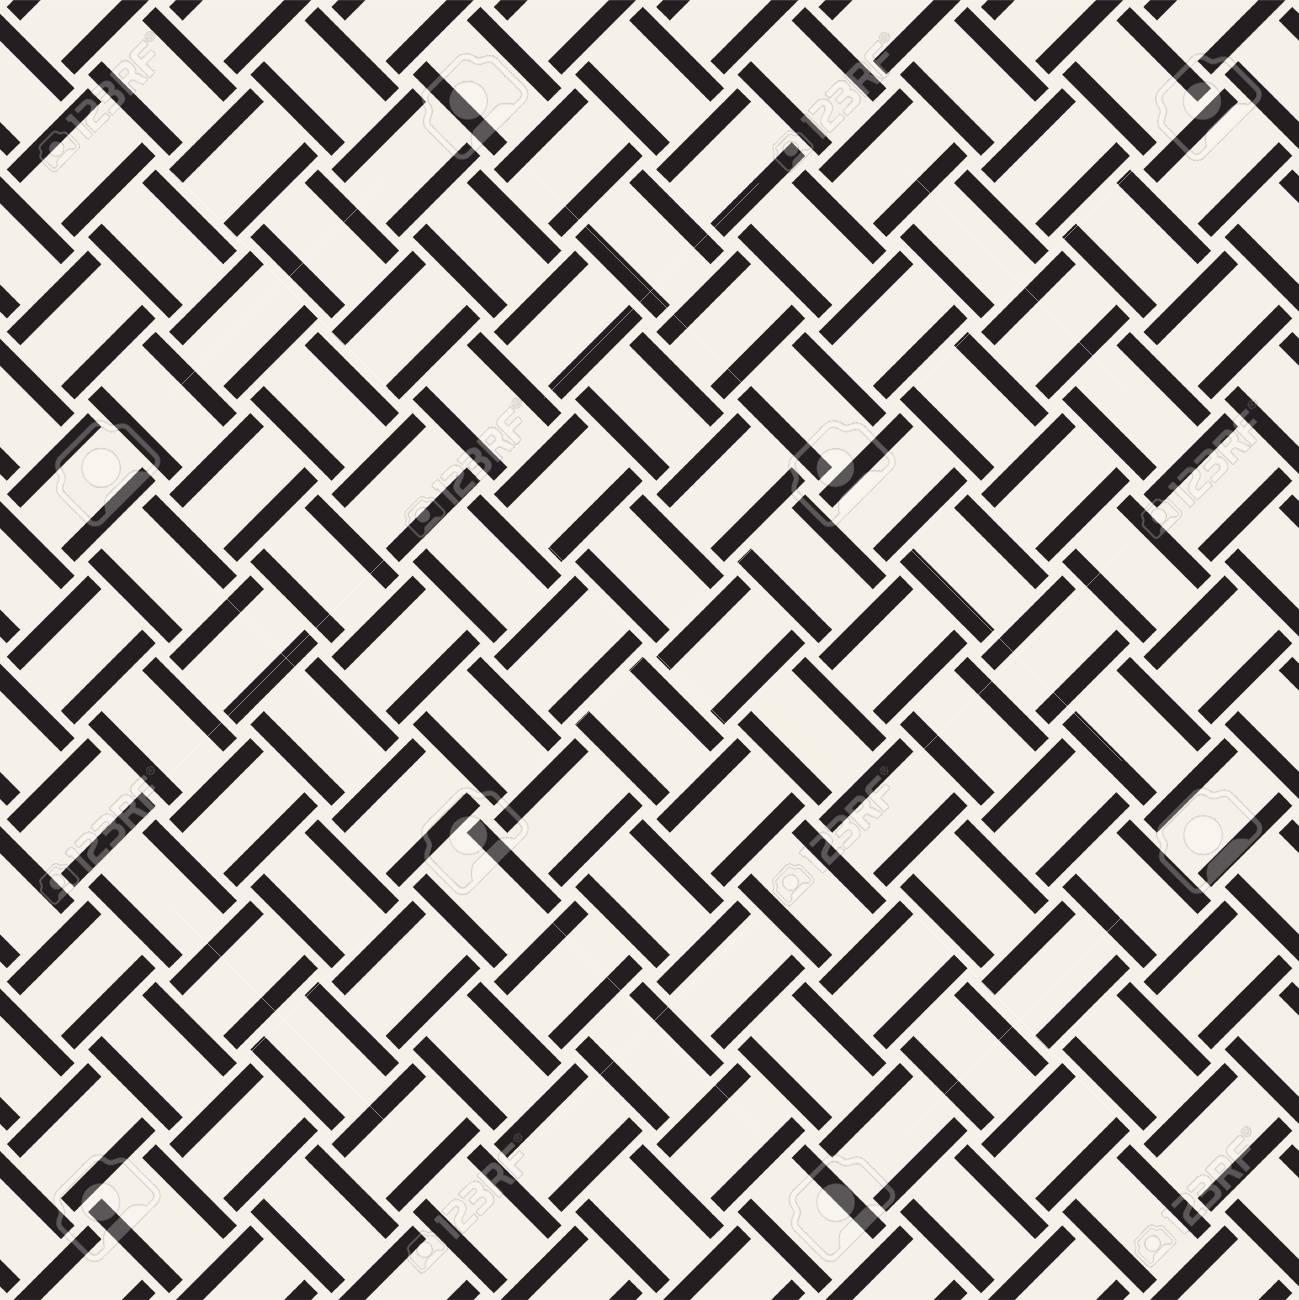 Crosshatch Vector Patrón Geométrico Sin Fisuras. Cruzado Rectángulos ...